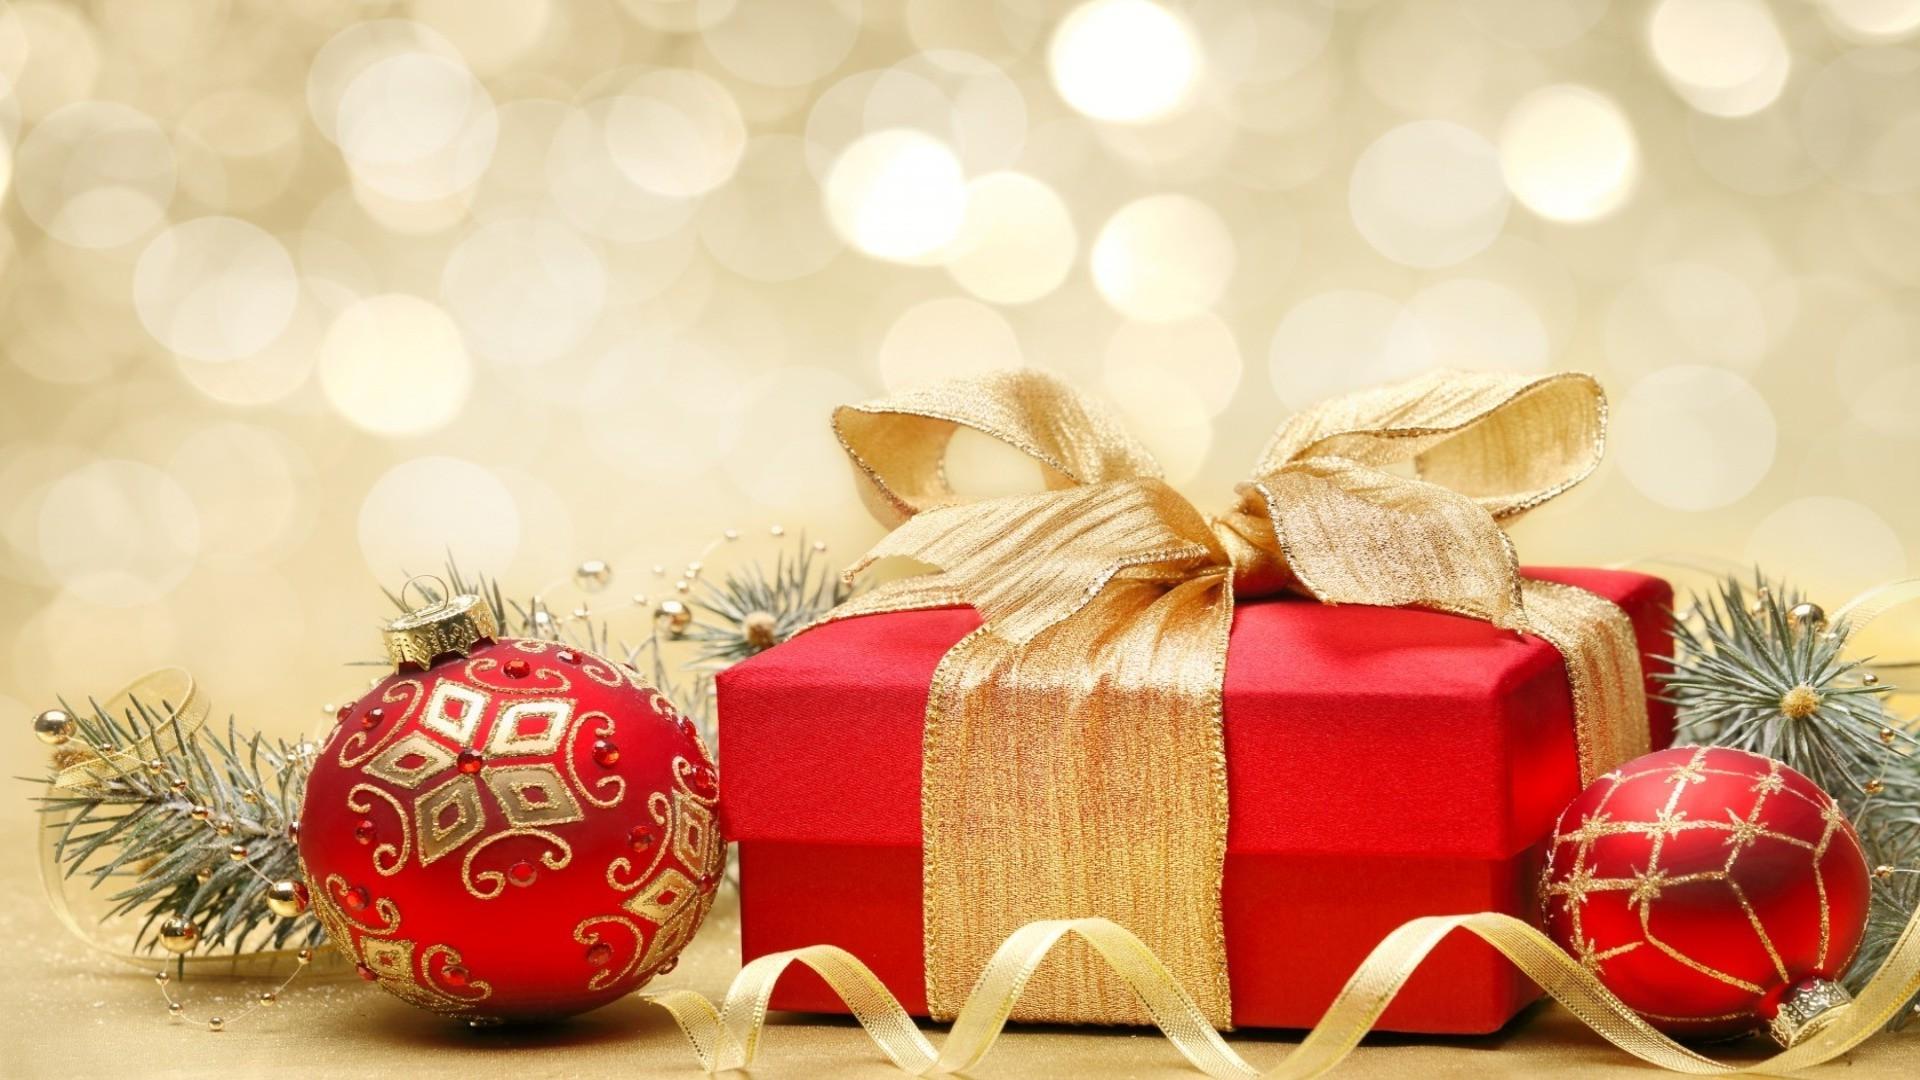 Обои подарок, Коробка, рождество, ёлочные украшения, золотые, шарики. Новый год foto 13